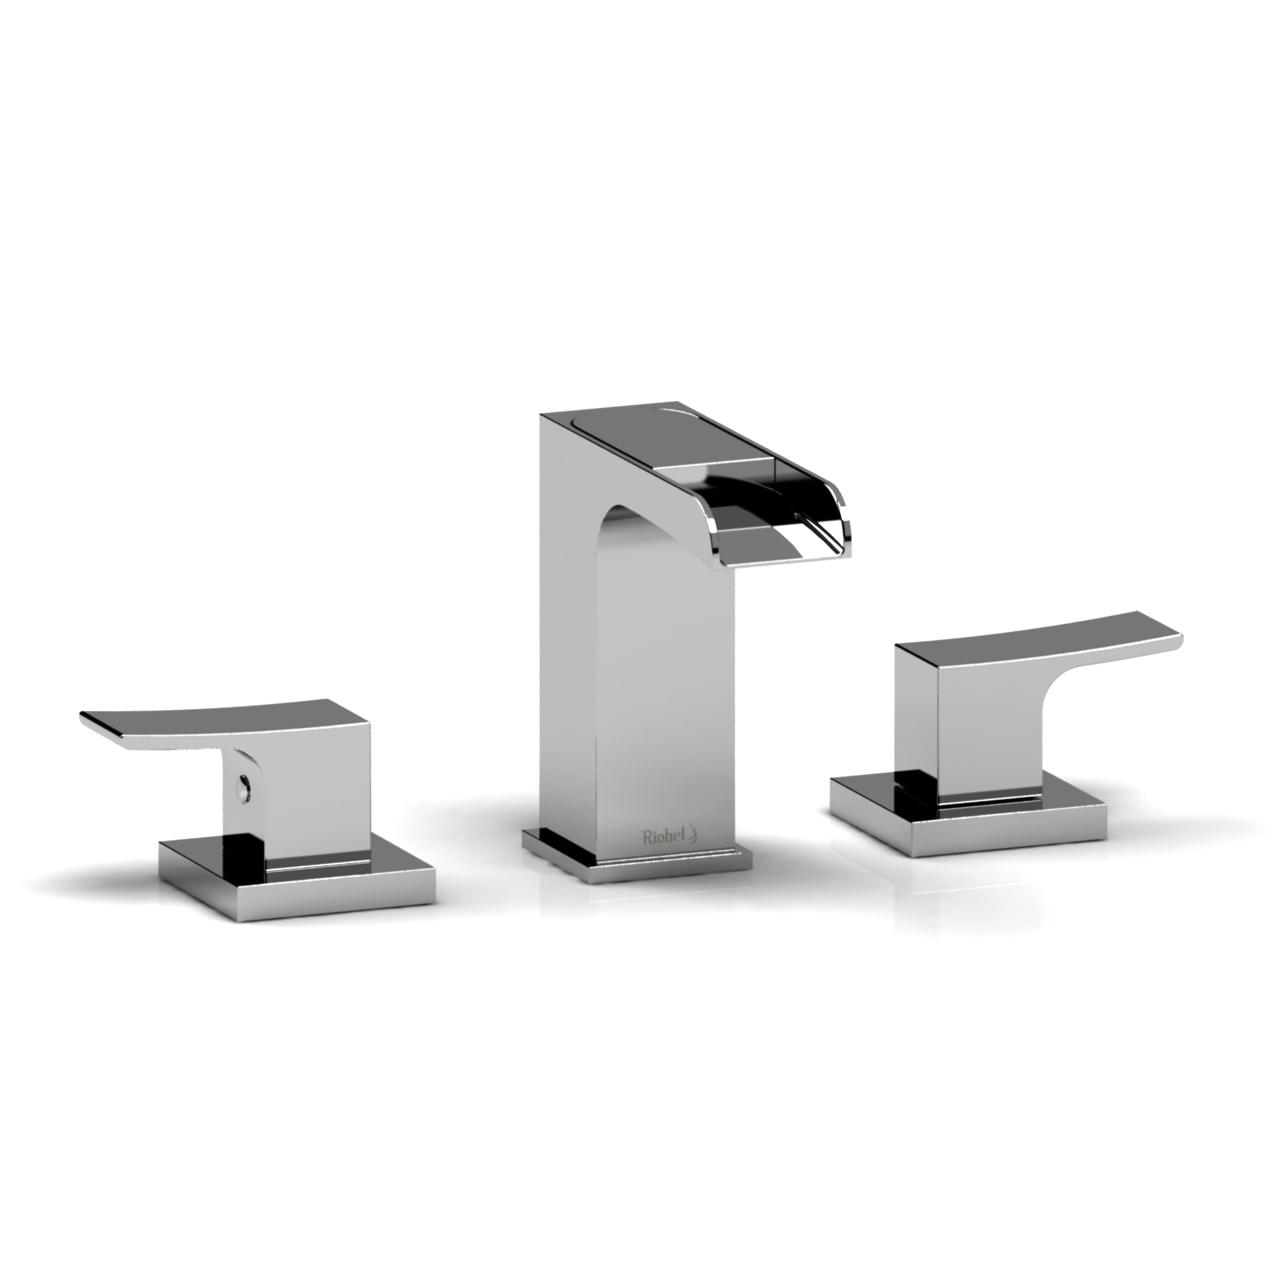 Riobel Zendo 8 8243 Lavatory Open Spout Faucet Zoop08 Bathroom throughout proportions 1280 X 1280